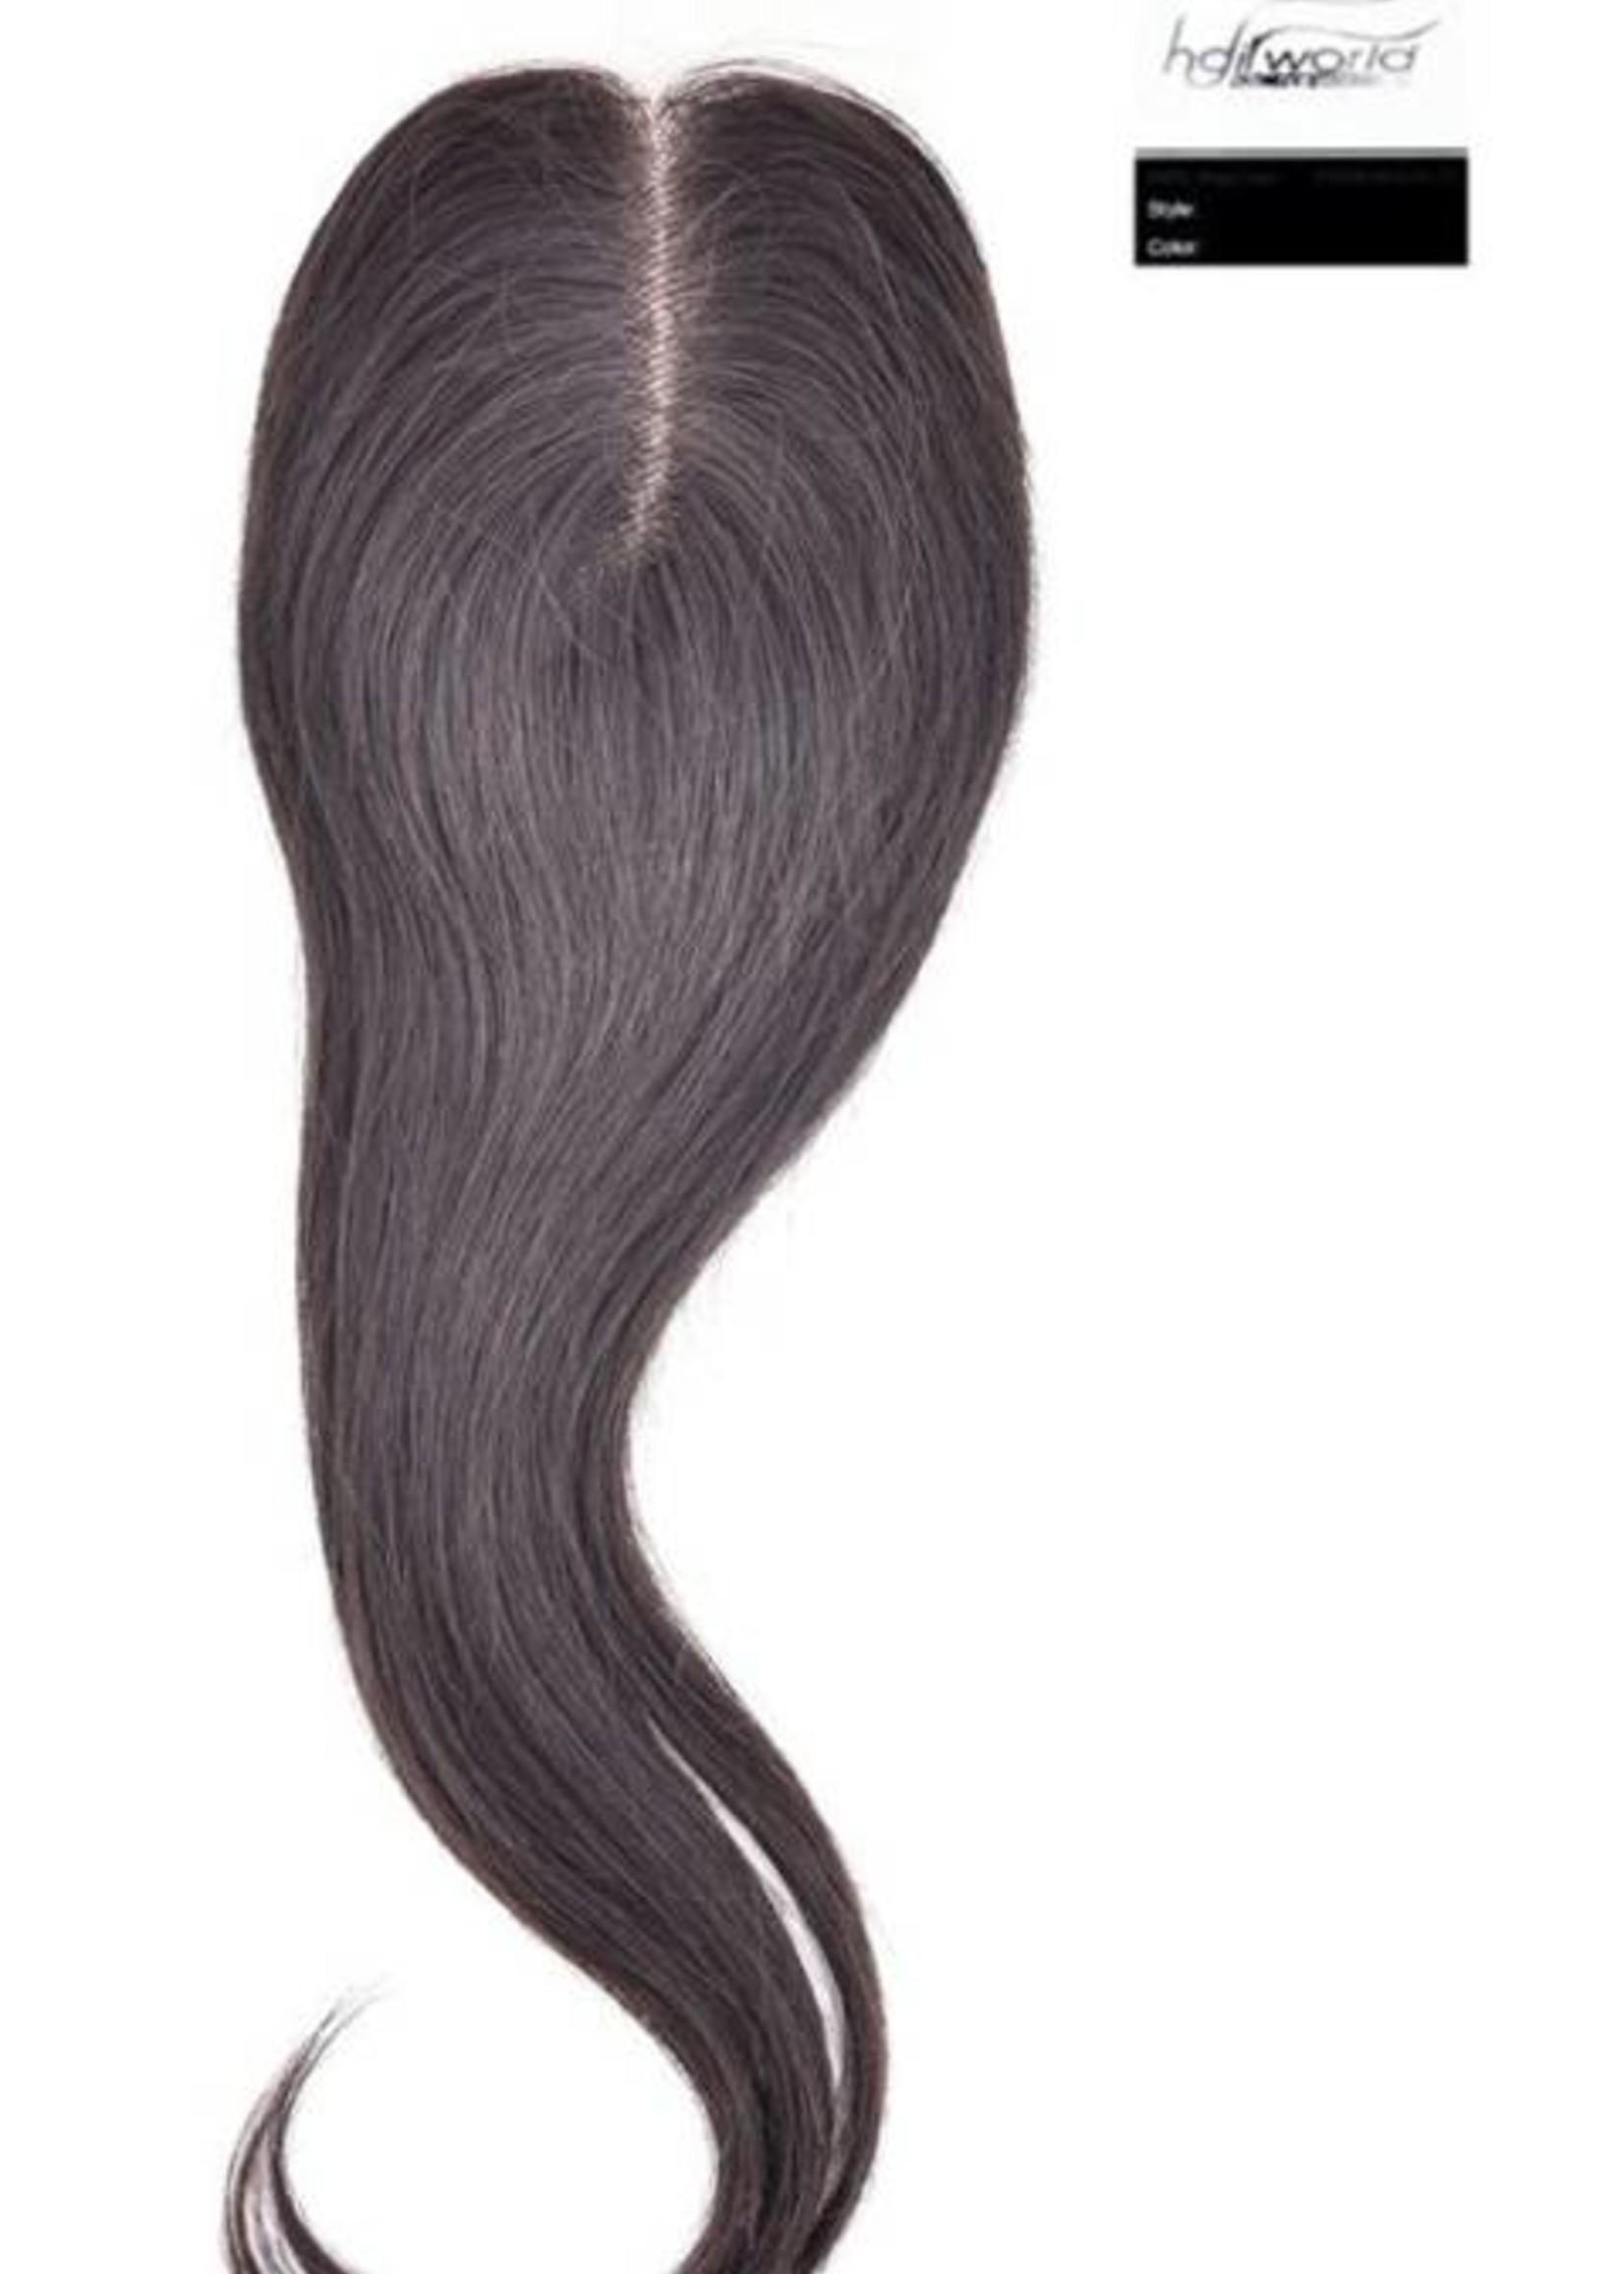 100% Virgin Hair Closure, 14 inch (Steil)